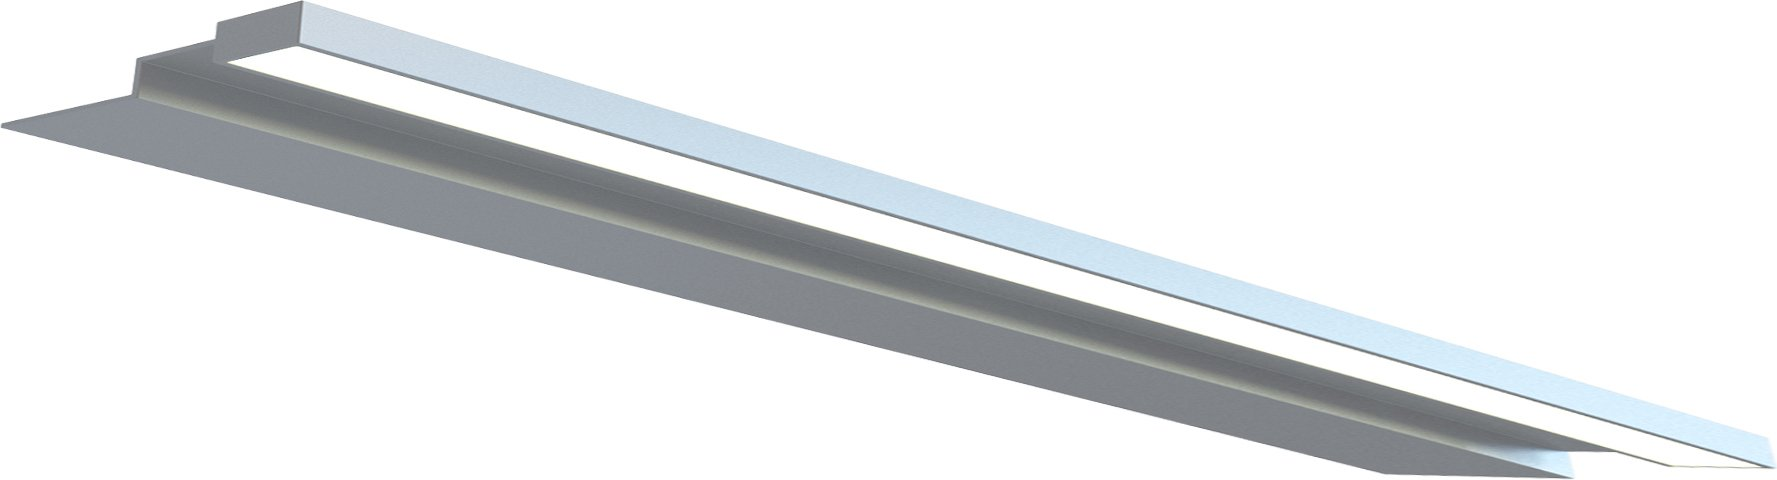 Светильник De Aqua Лонг 89.4 см (SVET 000 90 S)